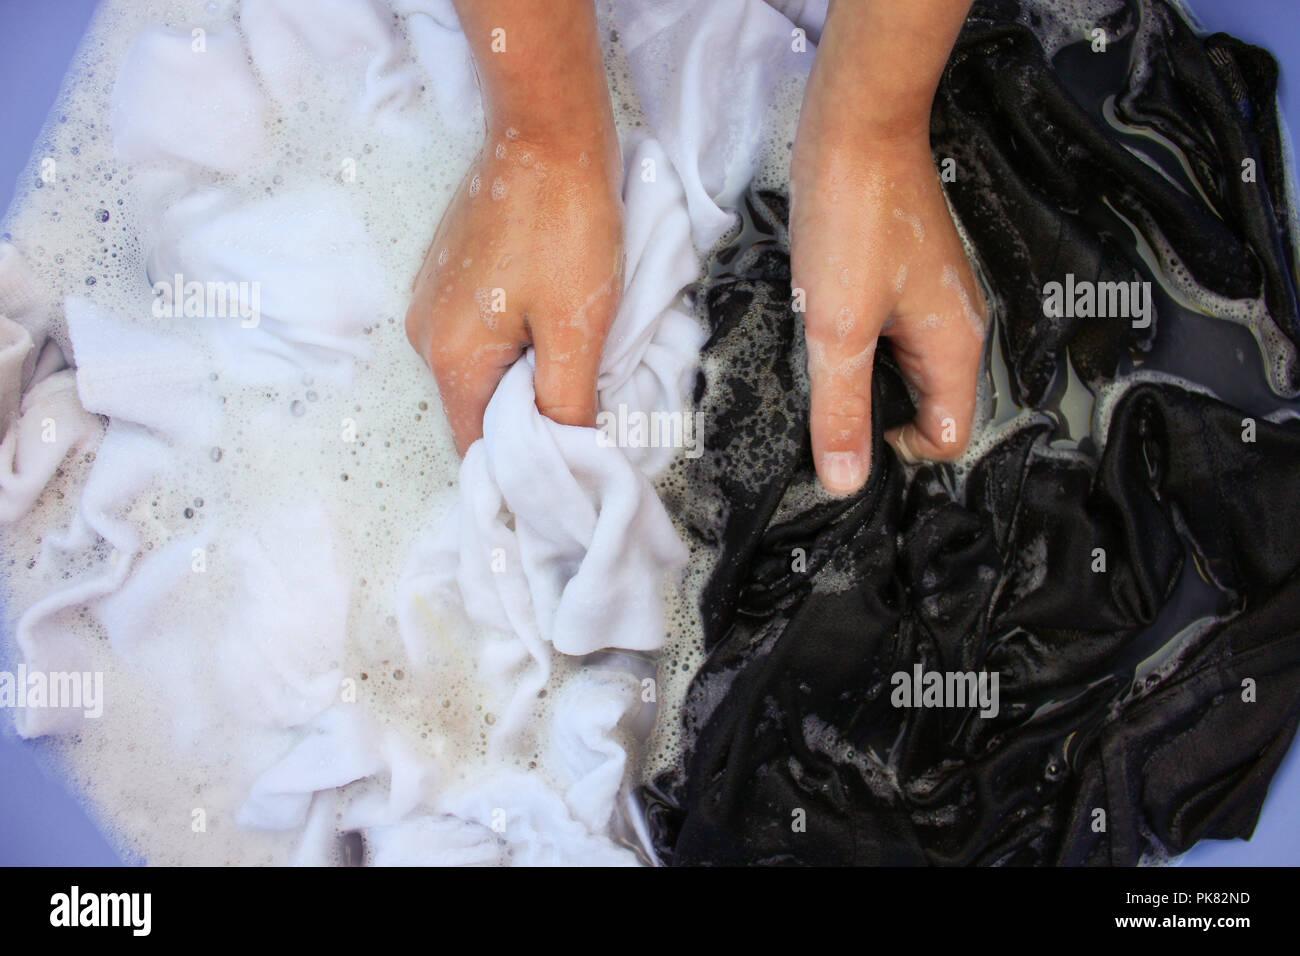 schwarz waschen stockfotos und -bilder kaufen - alamy